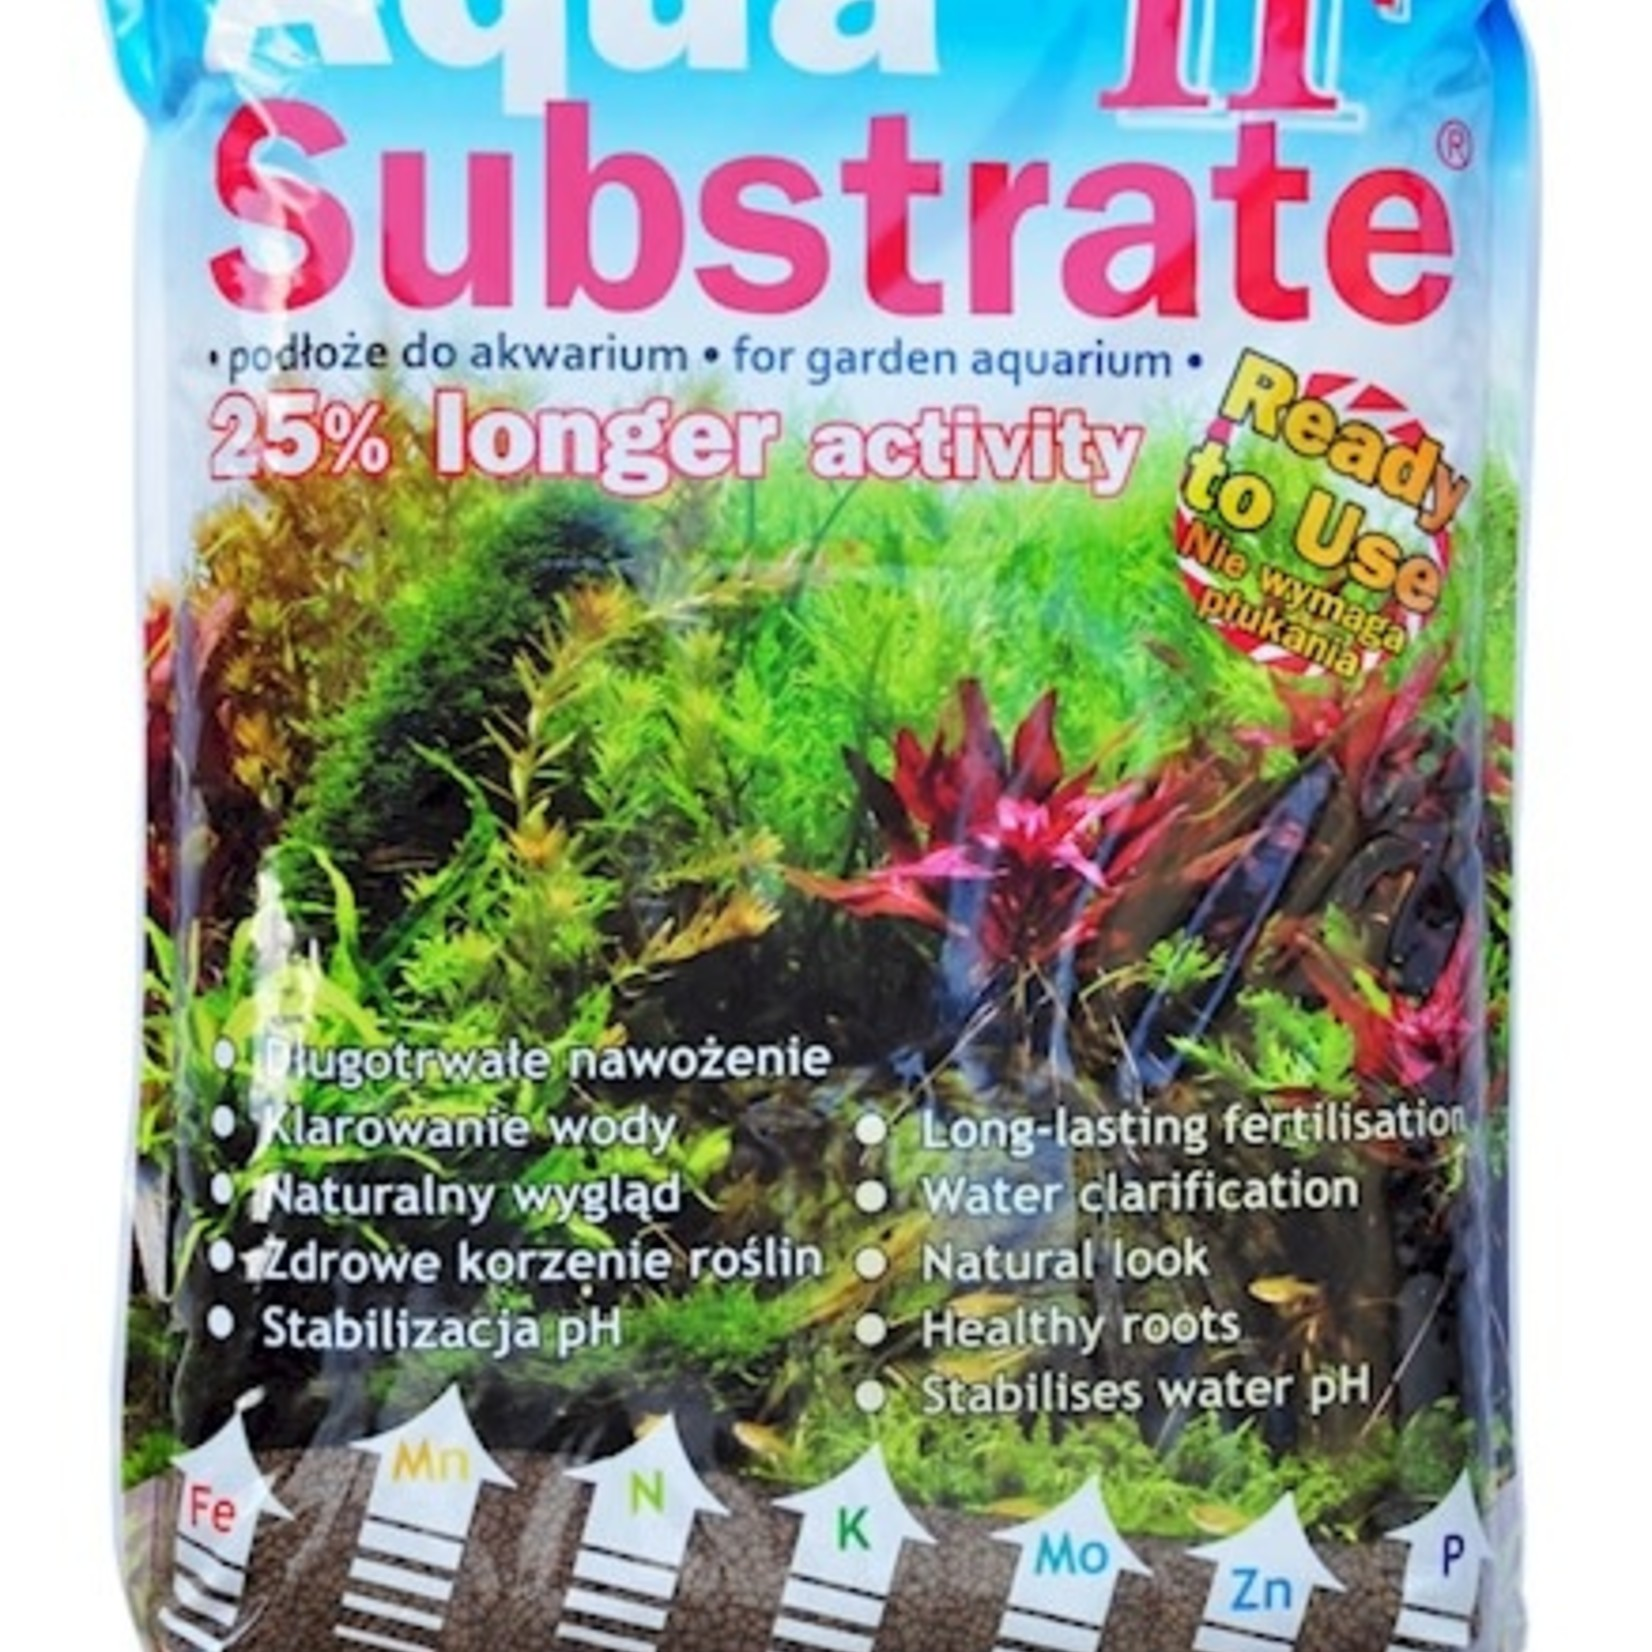 Aqua-Art Aqua Substrate II 5.4kg